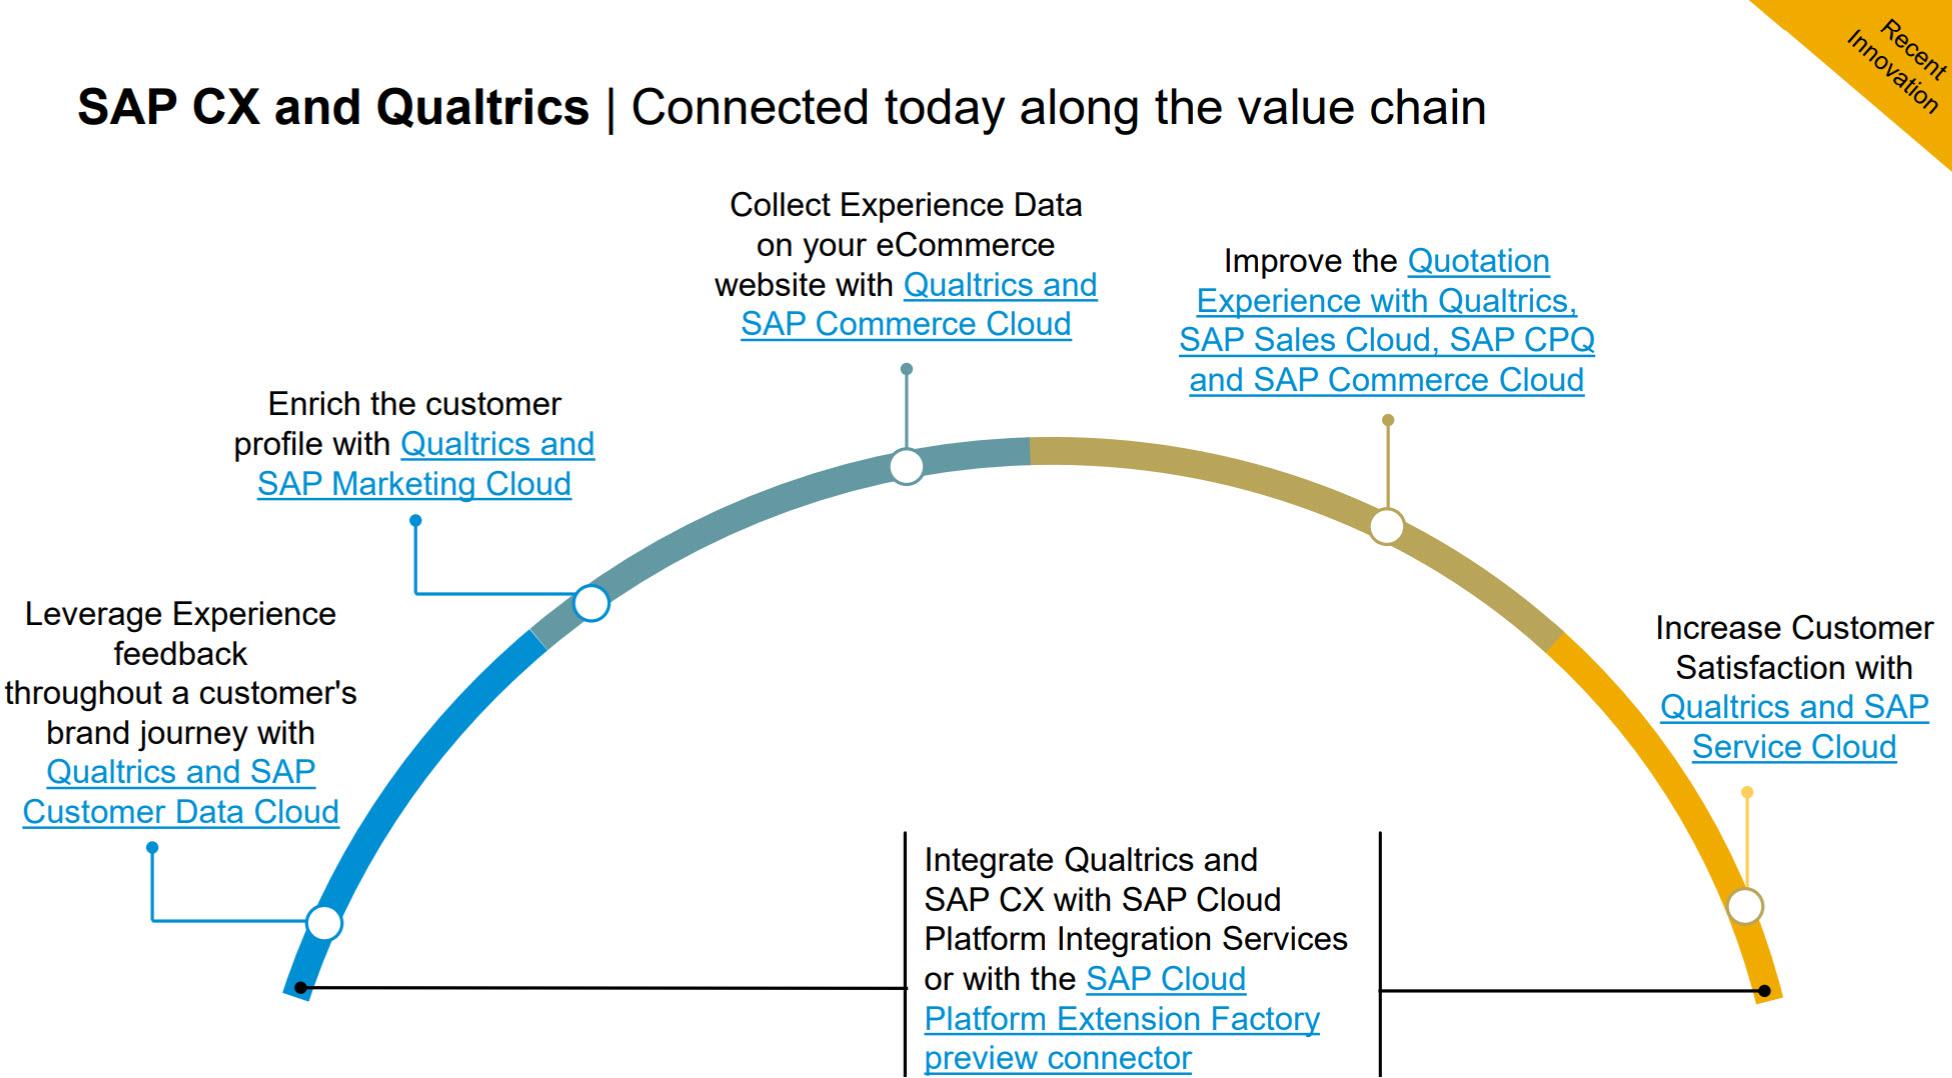 SAP%20CX%20and%20Qualtrics